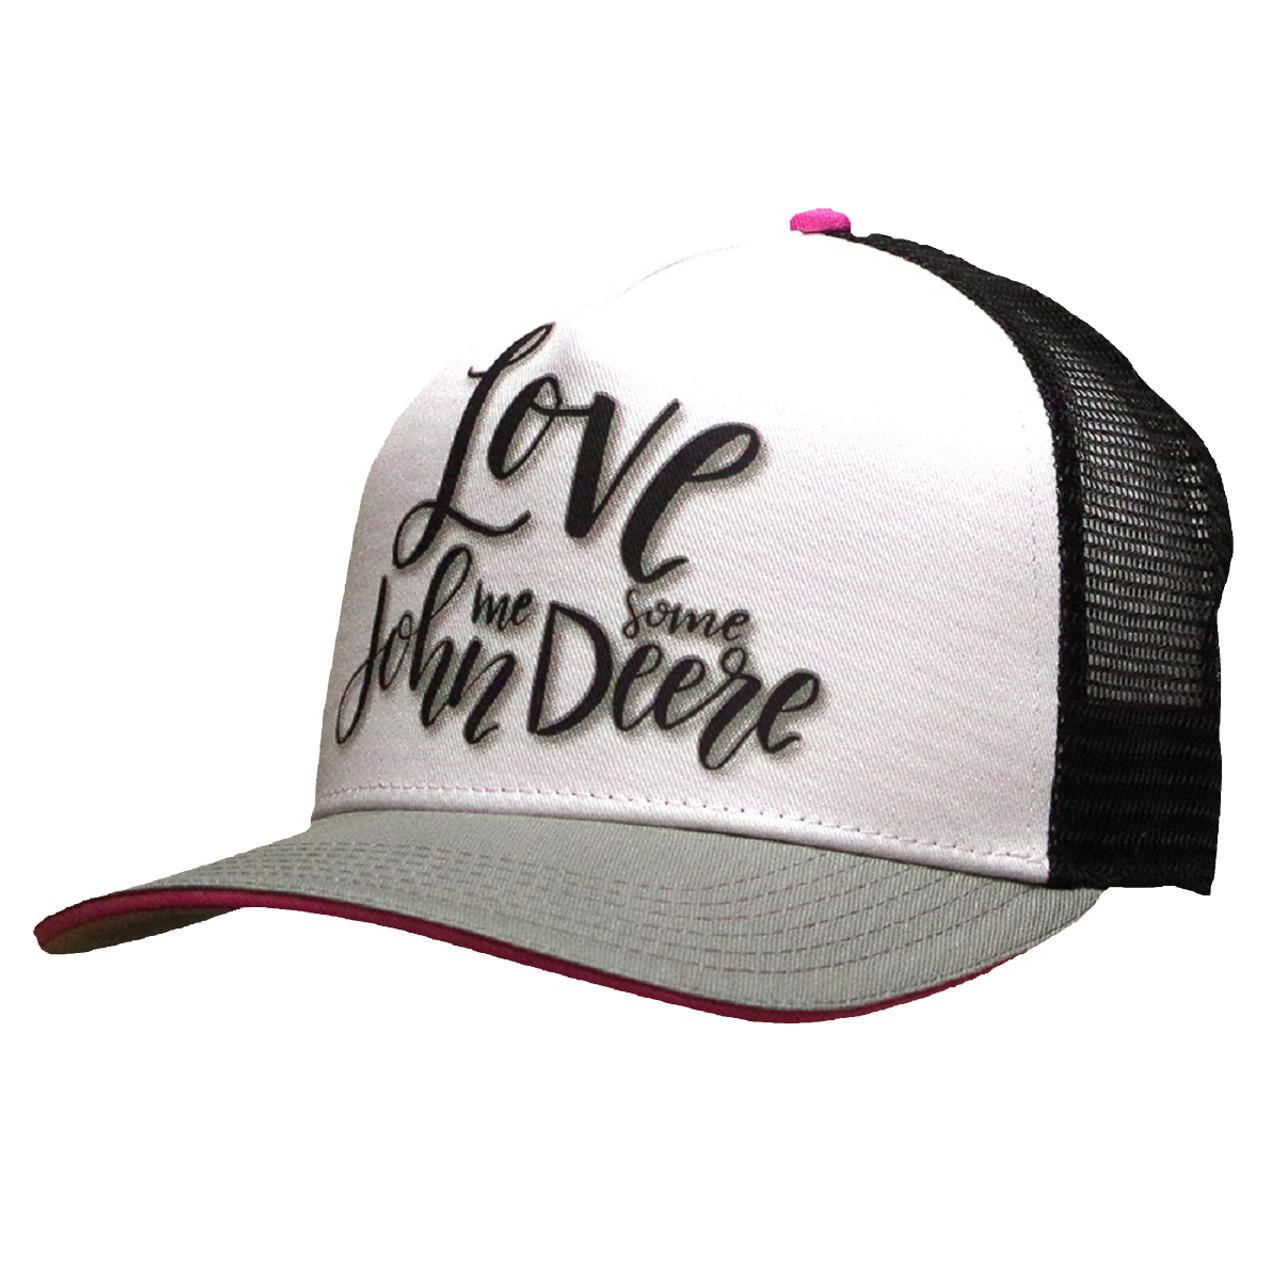 b60967a6399 John Deere Love Me Some John Deere Snapback Hat - Trenz Shirt Company